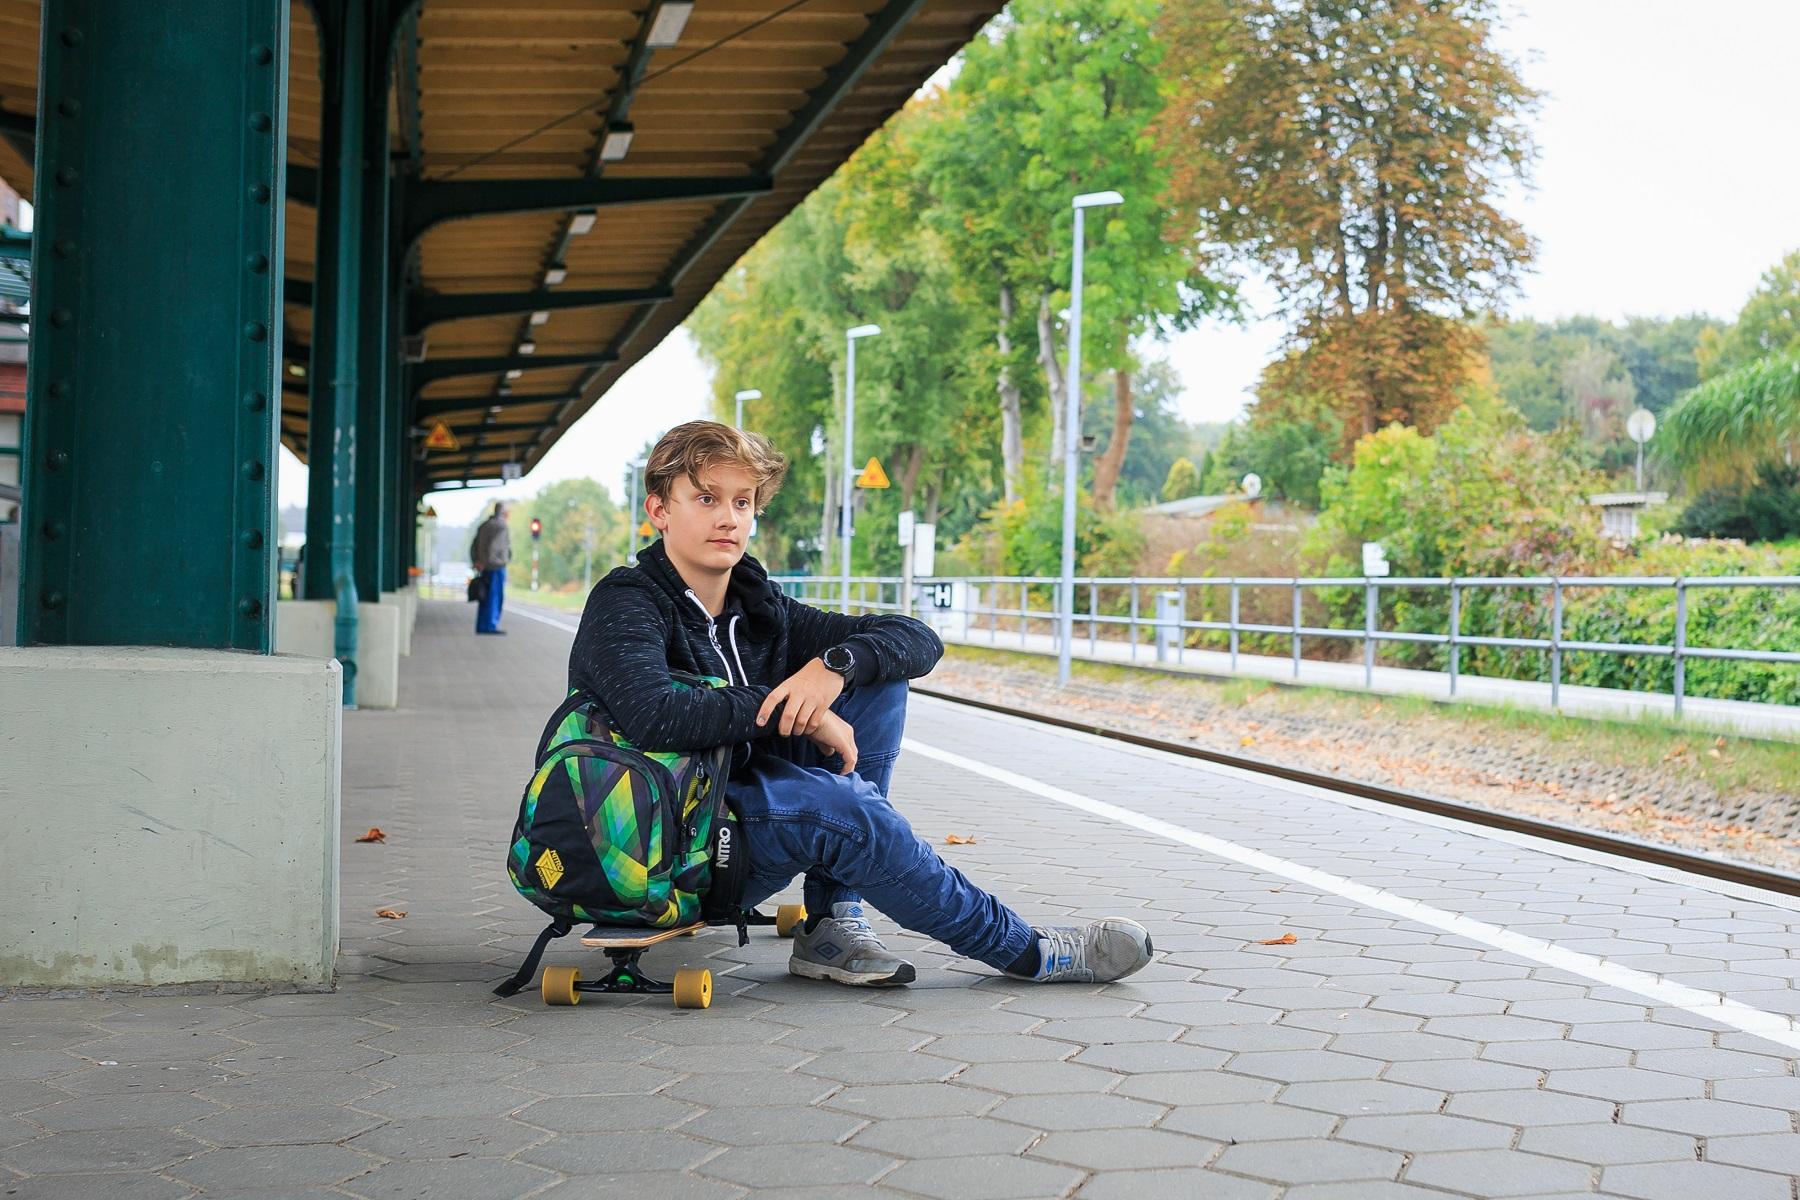 Junge sitzt mit seinen Sachen auf Bürgersteig und wartet auf UBB Fernbus.